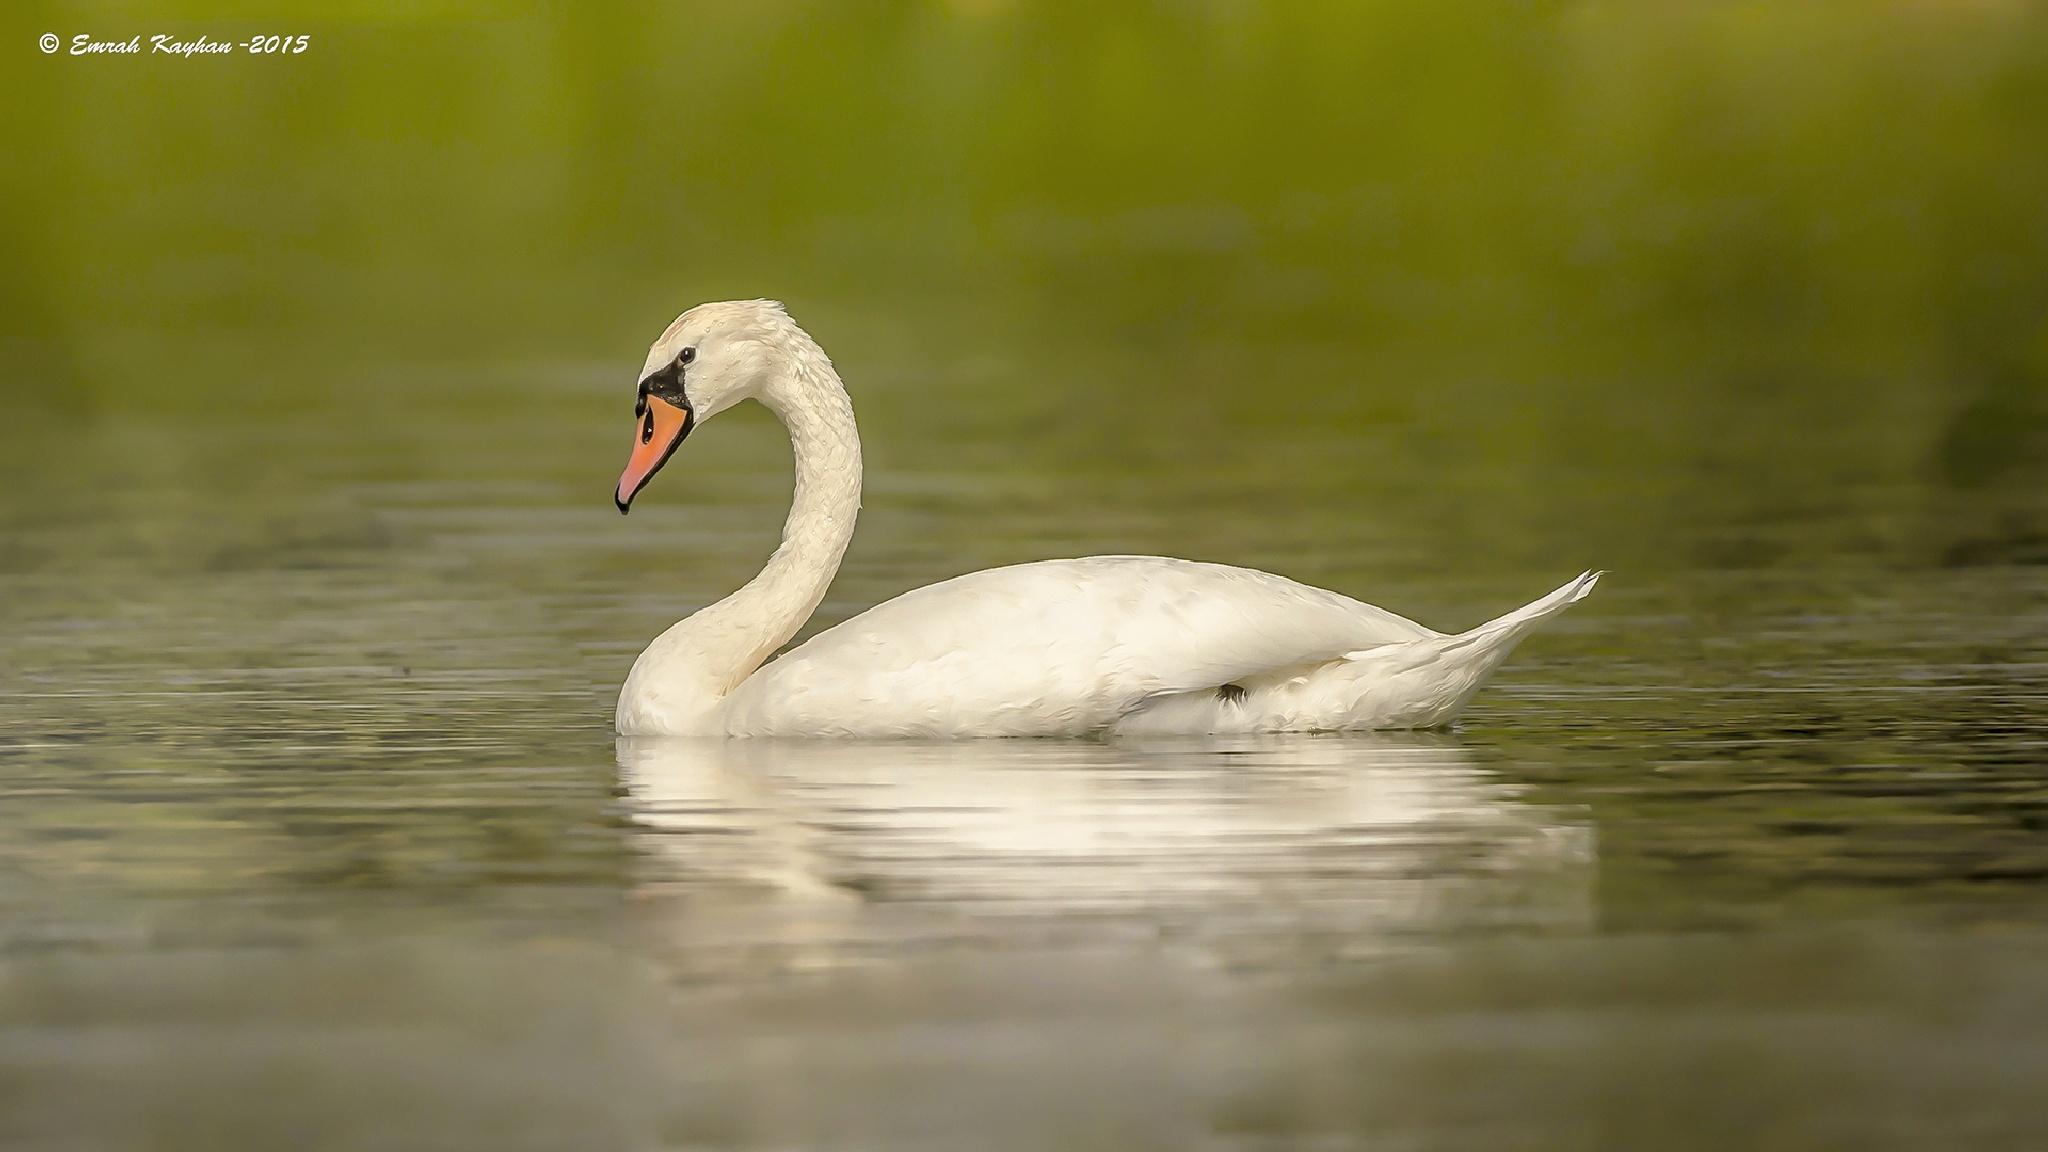 Mute Swan by EmrahKayhan